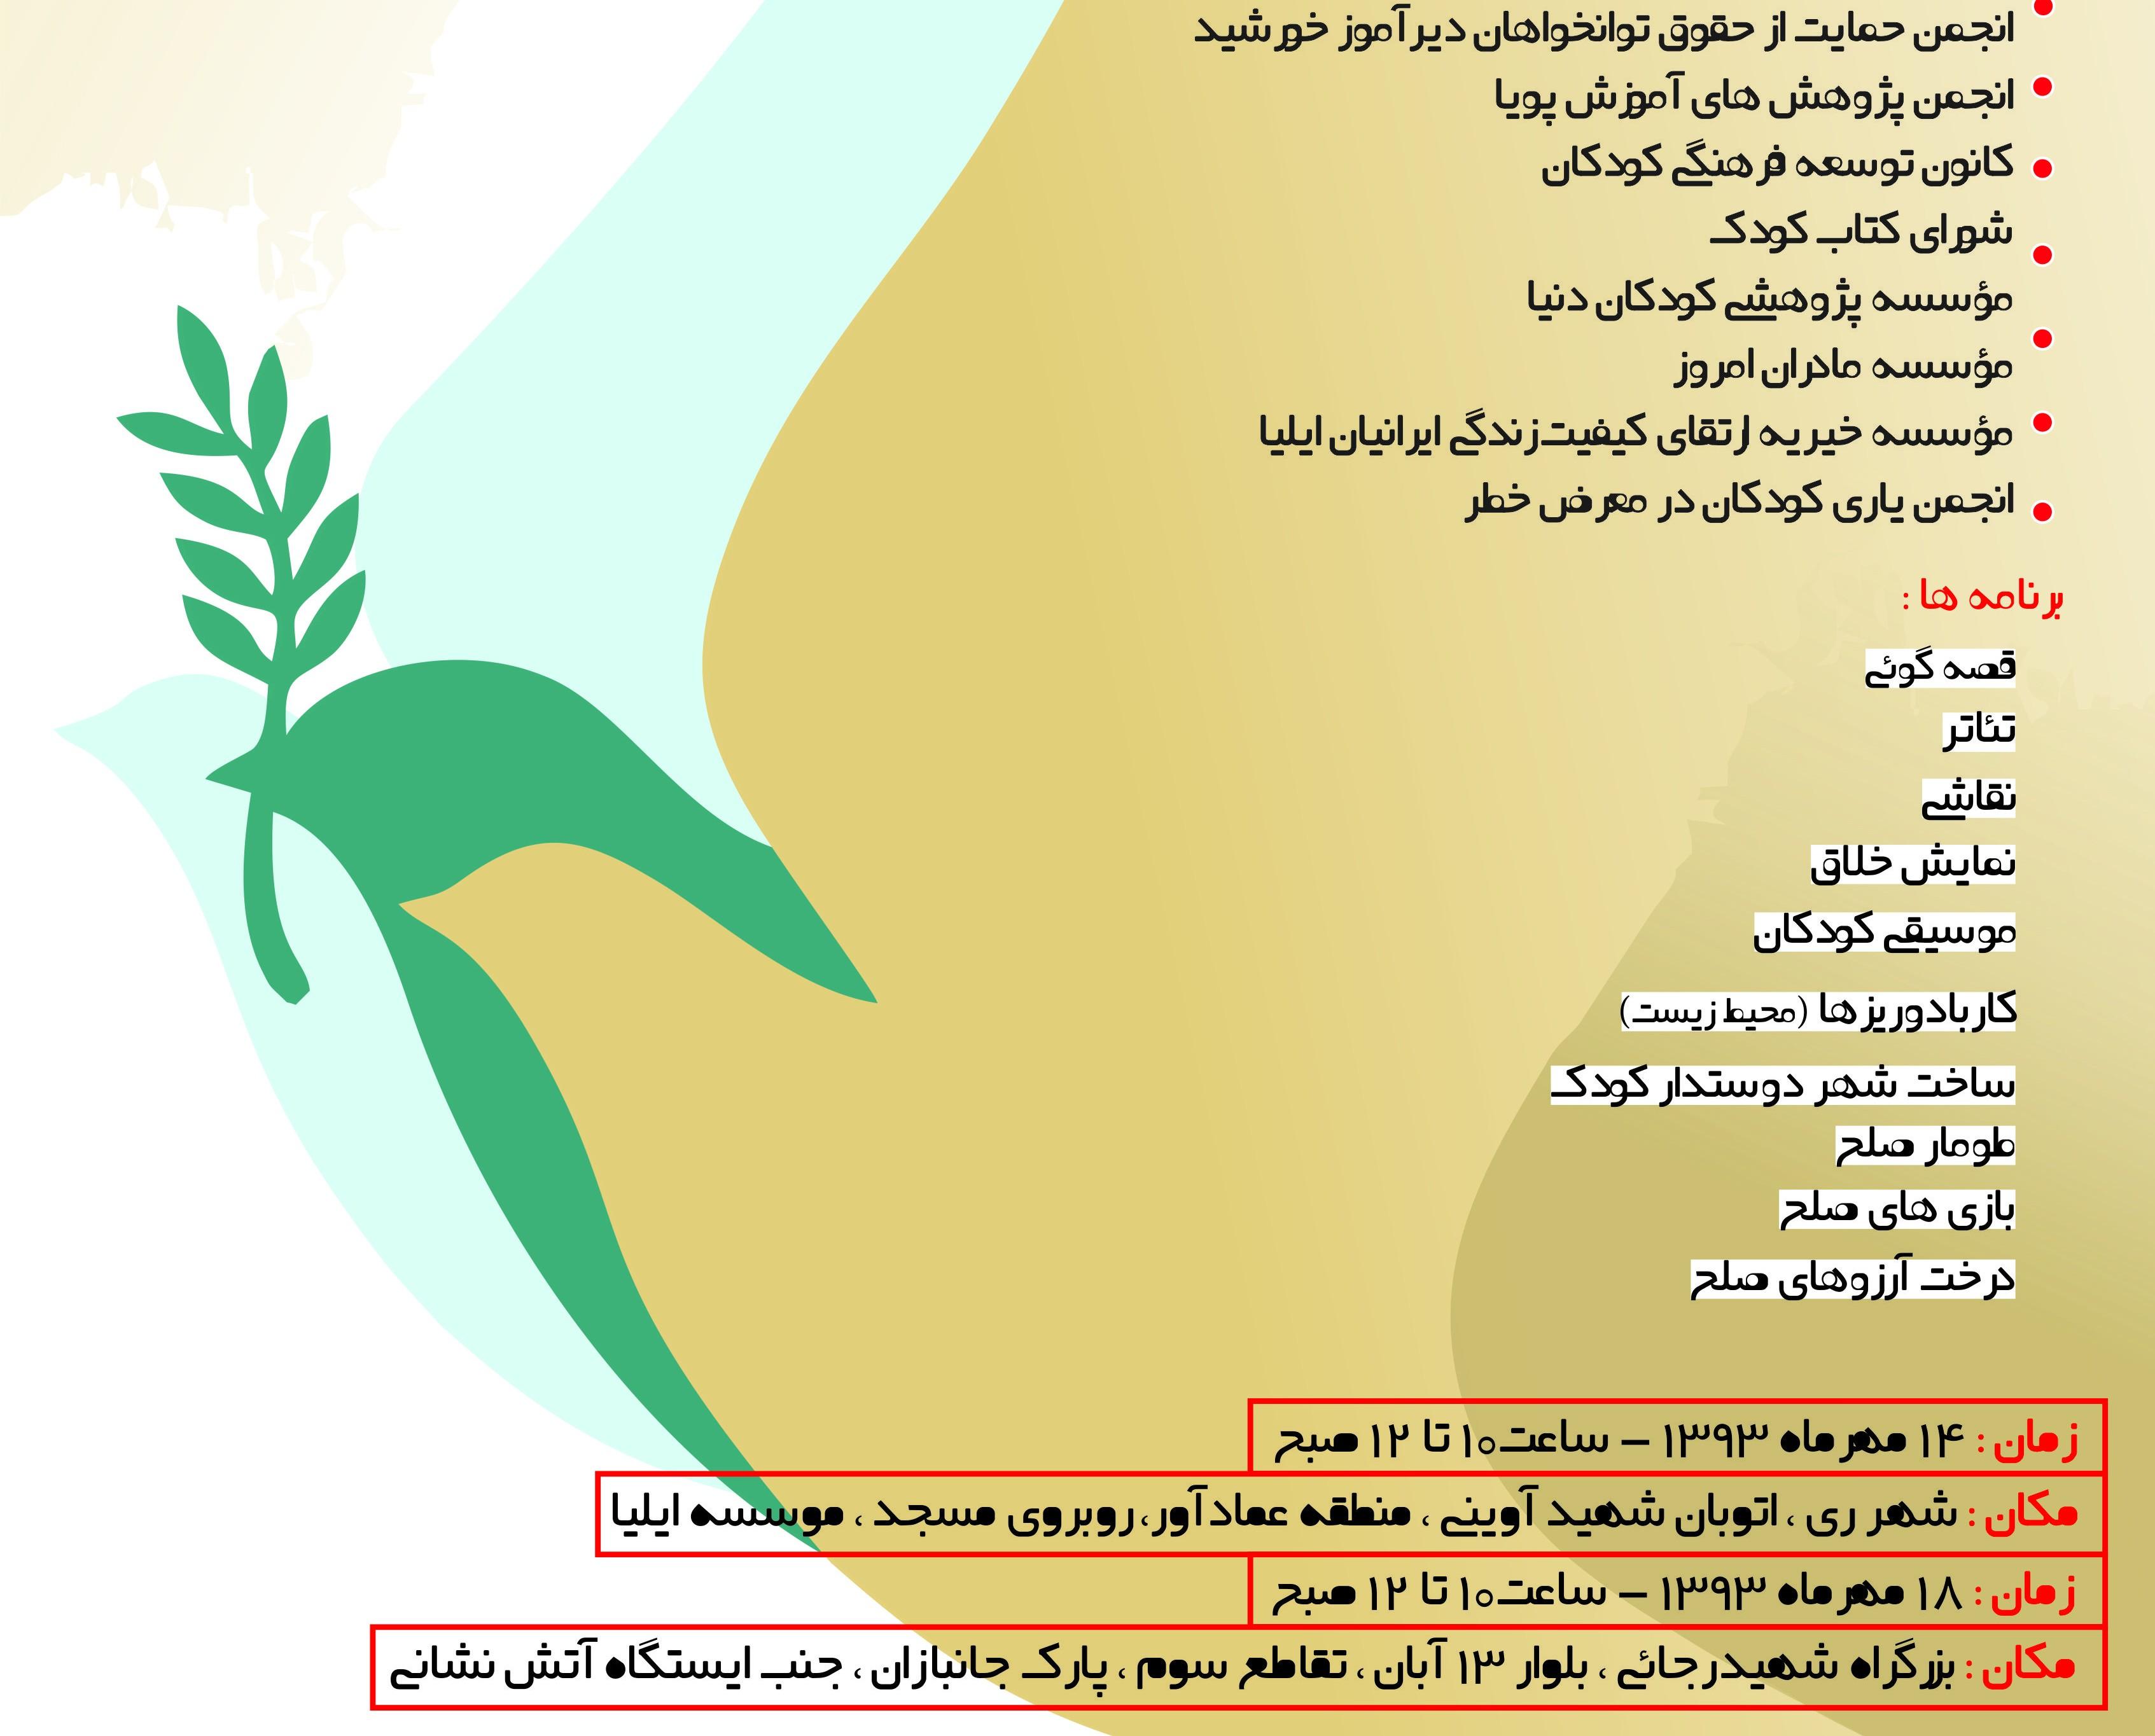 برنامه های شورای گسترش صلح برای گرامیداشت روز جهانی صلح